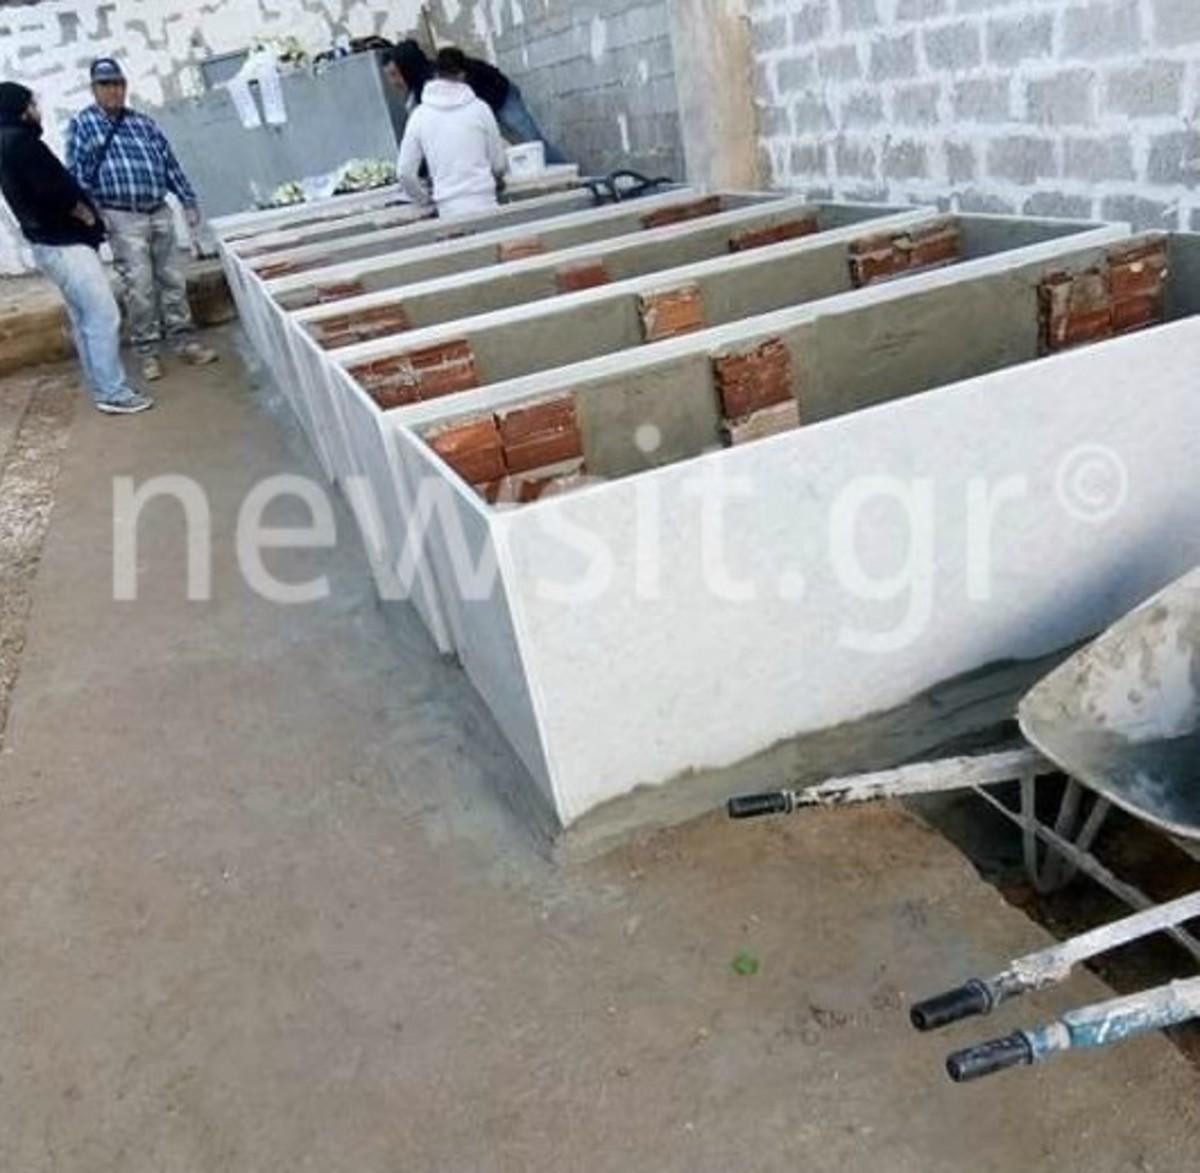 Εικόνες ντροπής στο νεκροταφείο της Γλυφάδας - Καταγγελίες που σοκάρουν